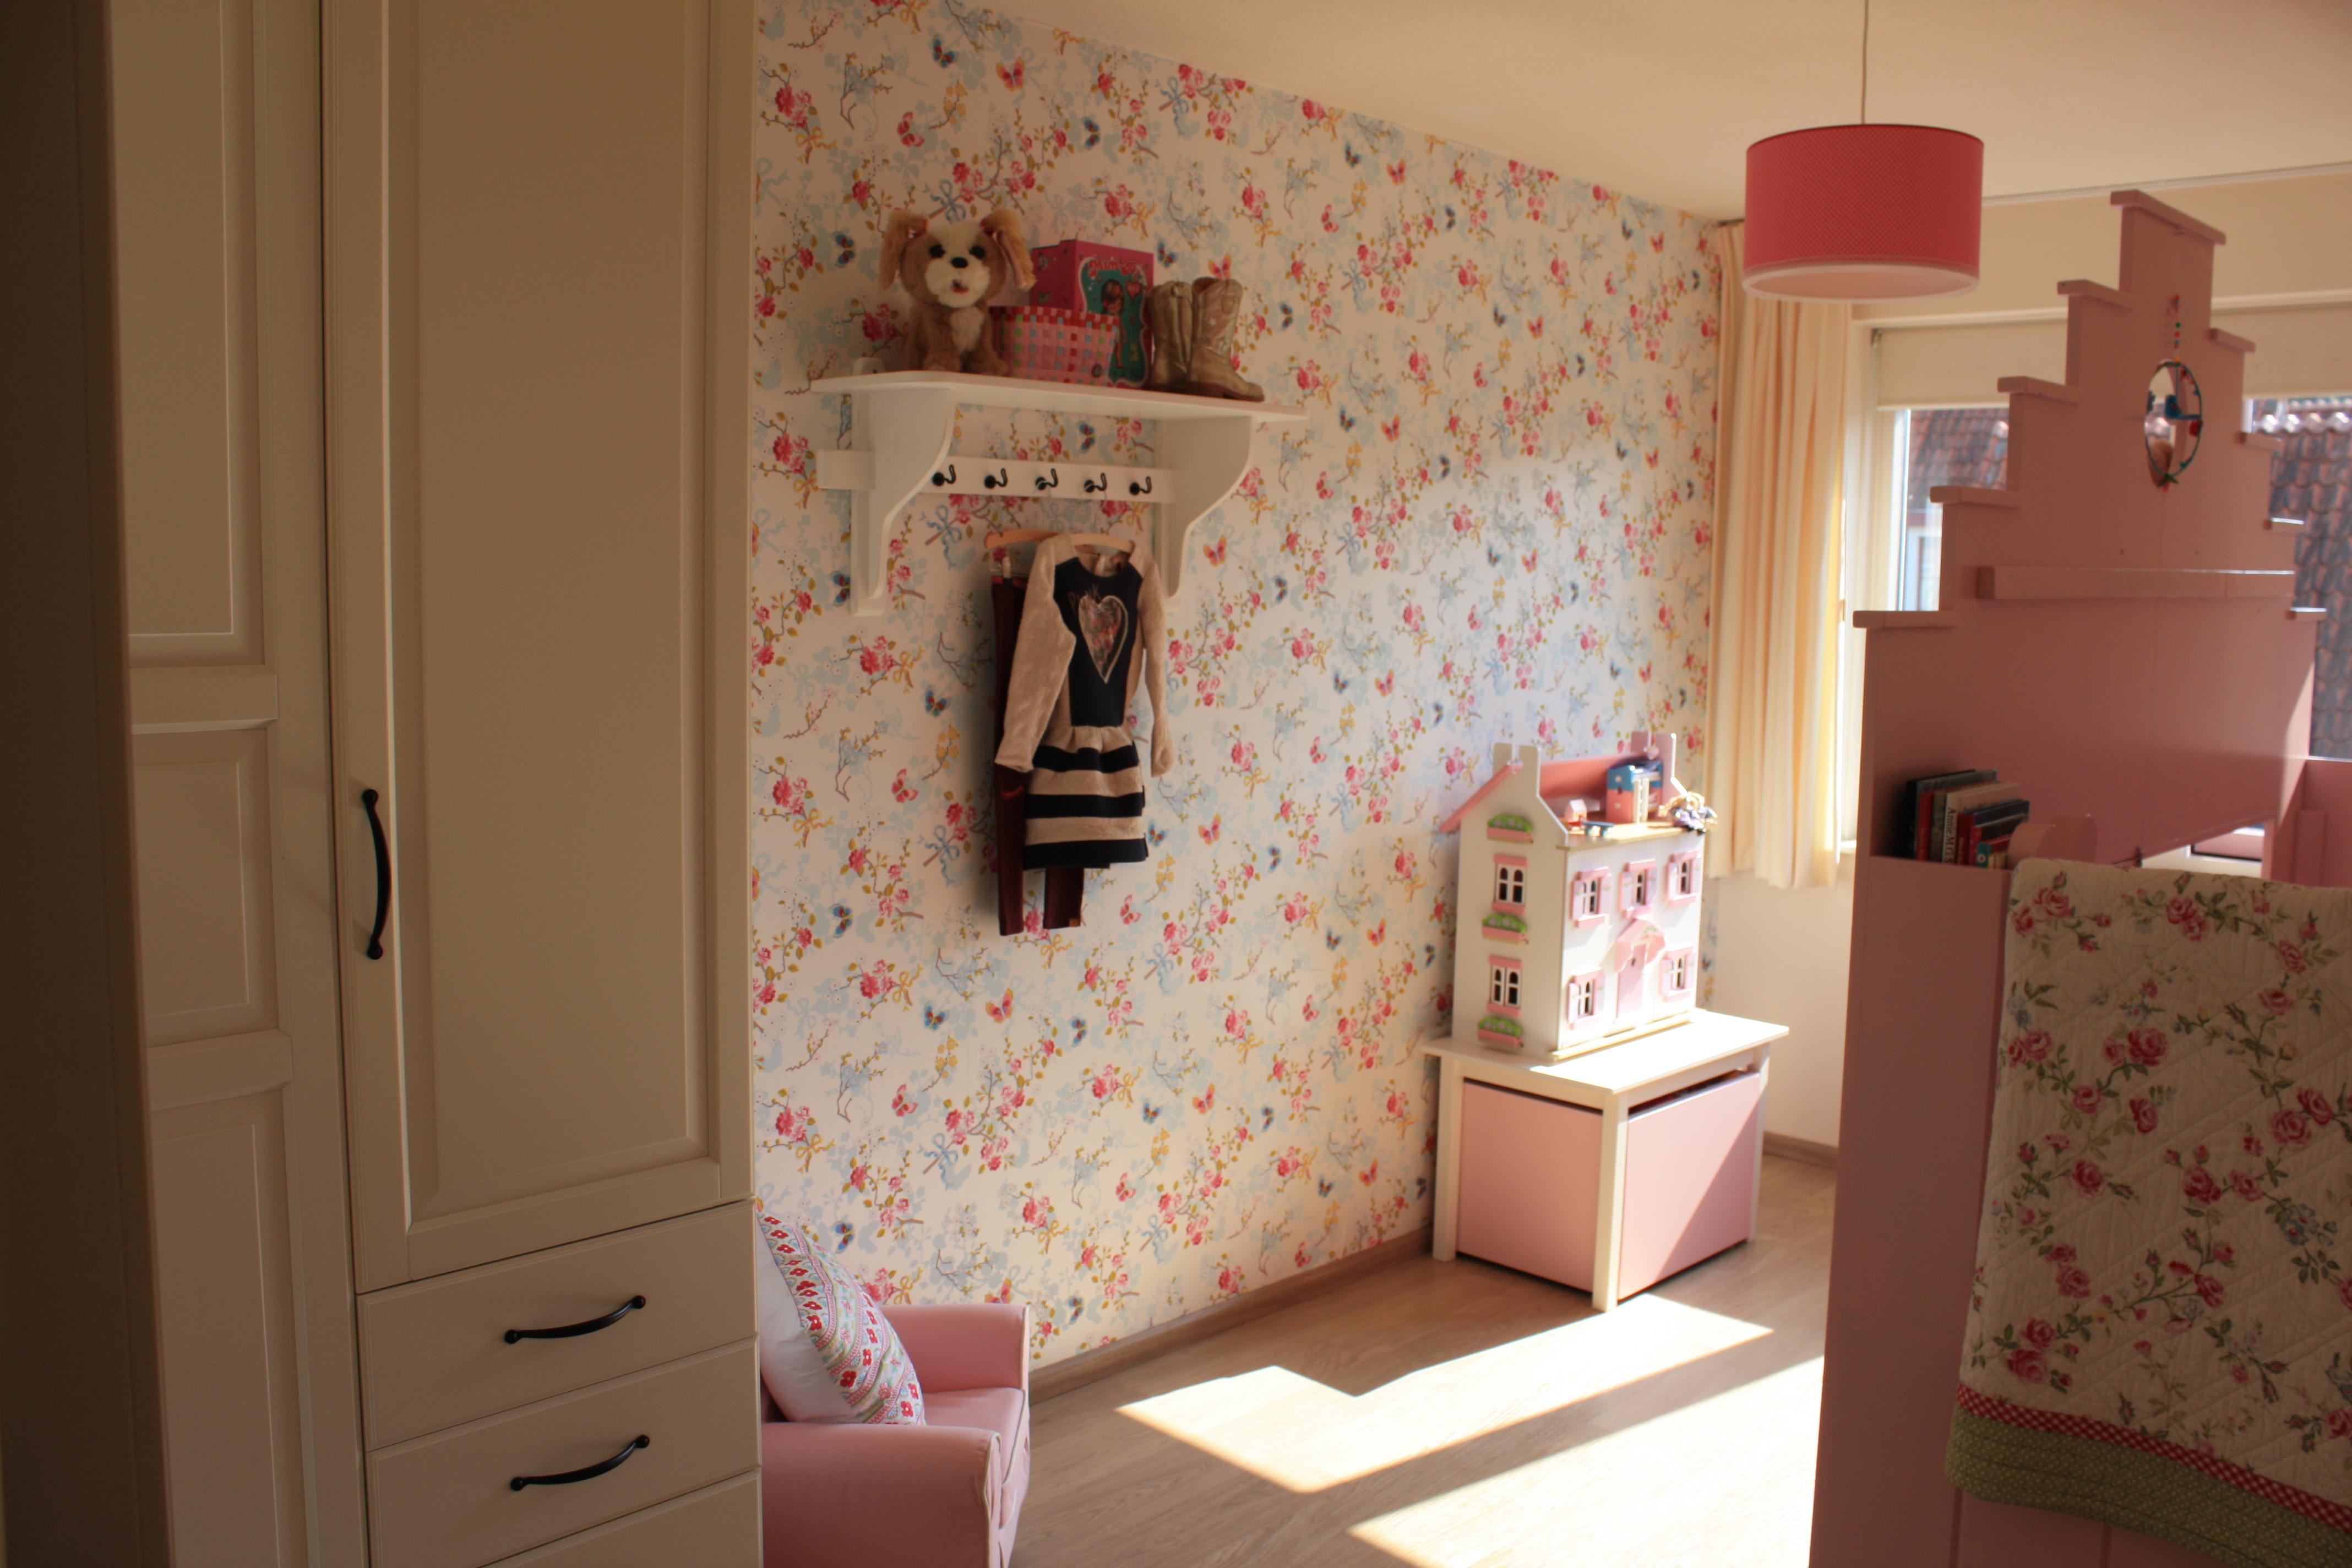 Kinderkamer Behang Vogelhuisjes : Een kijkje in de kinderkamer van linde mama is thuis!